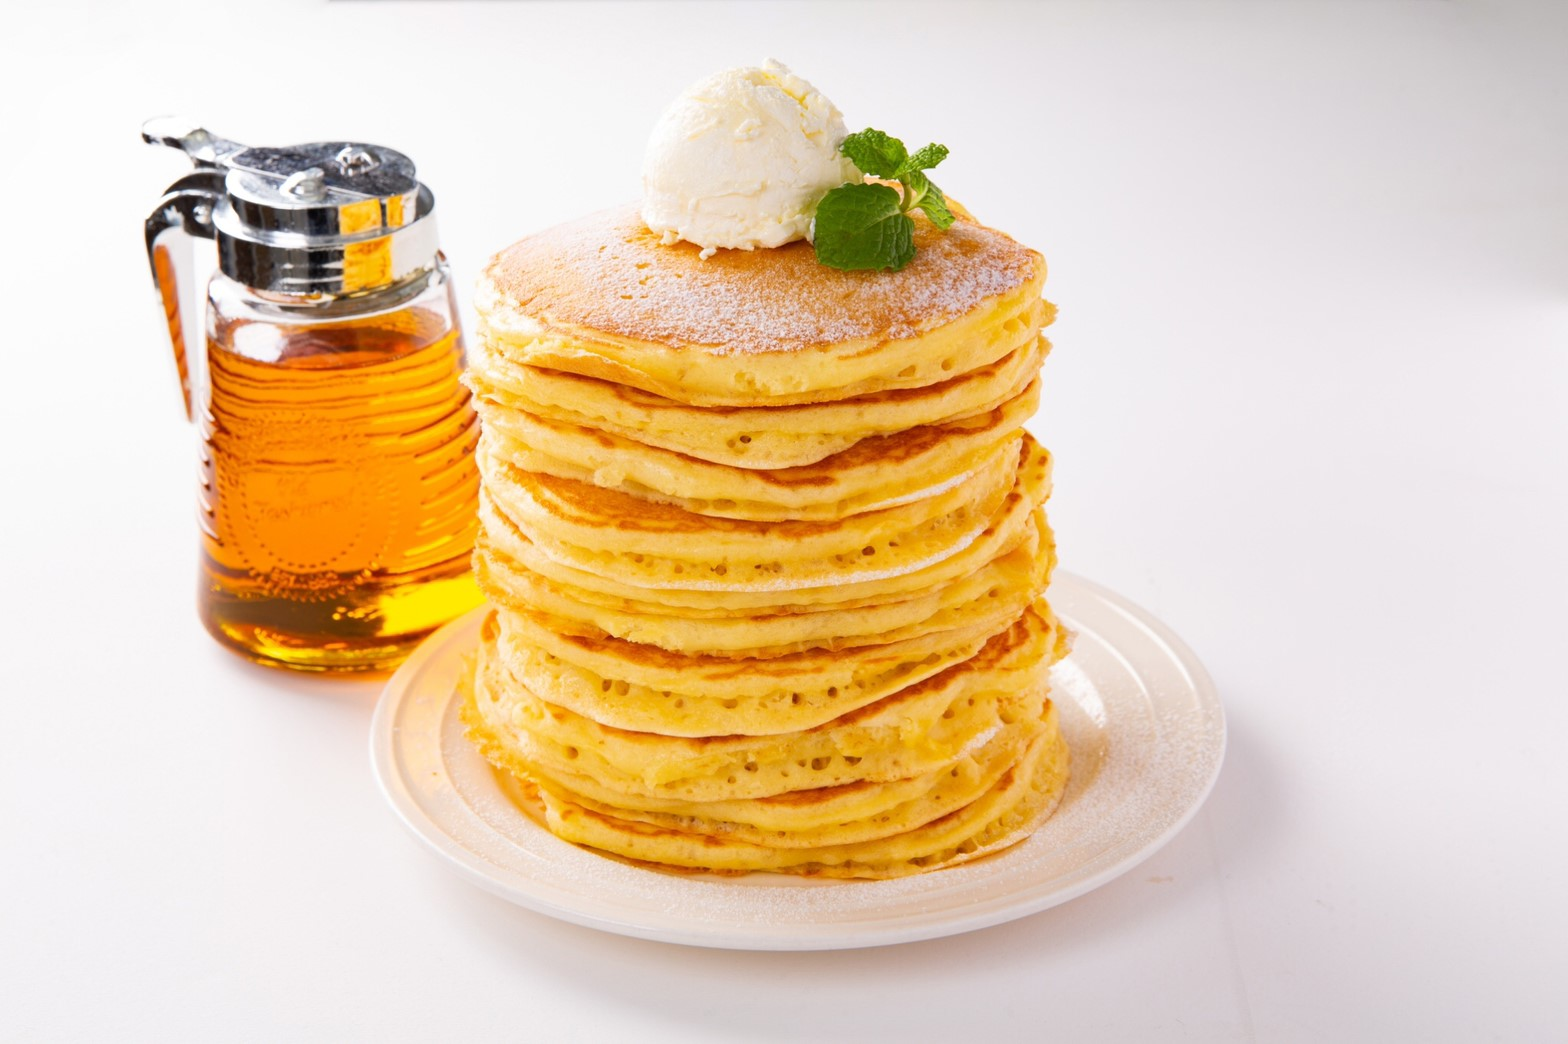 幸せの10段パンケーキ